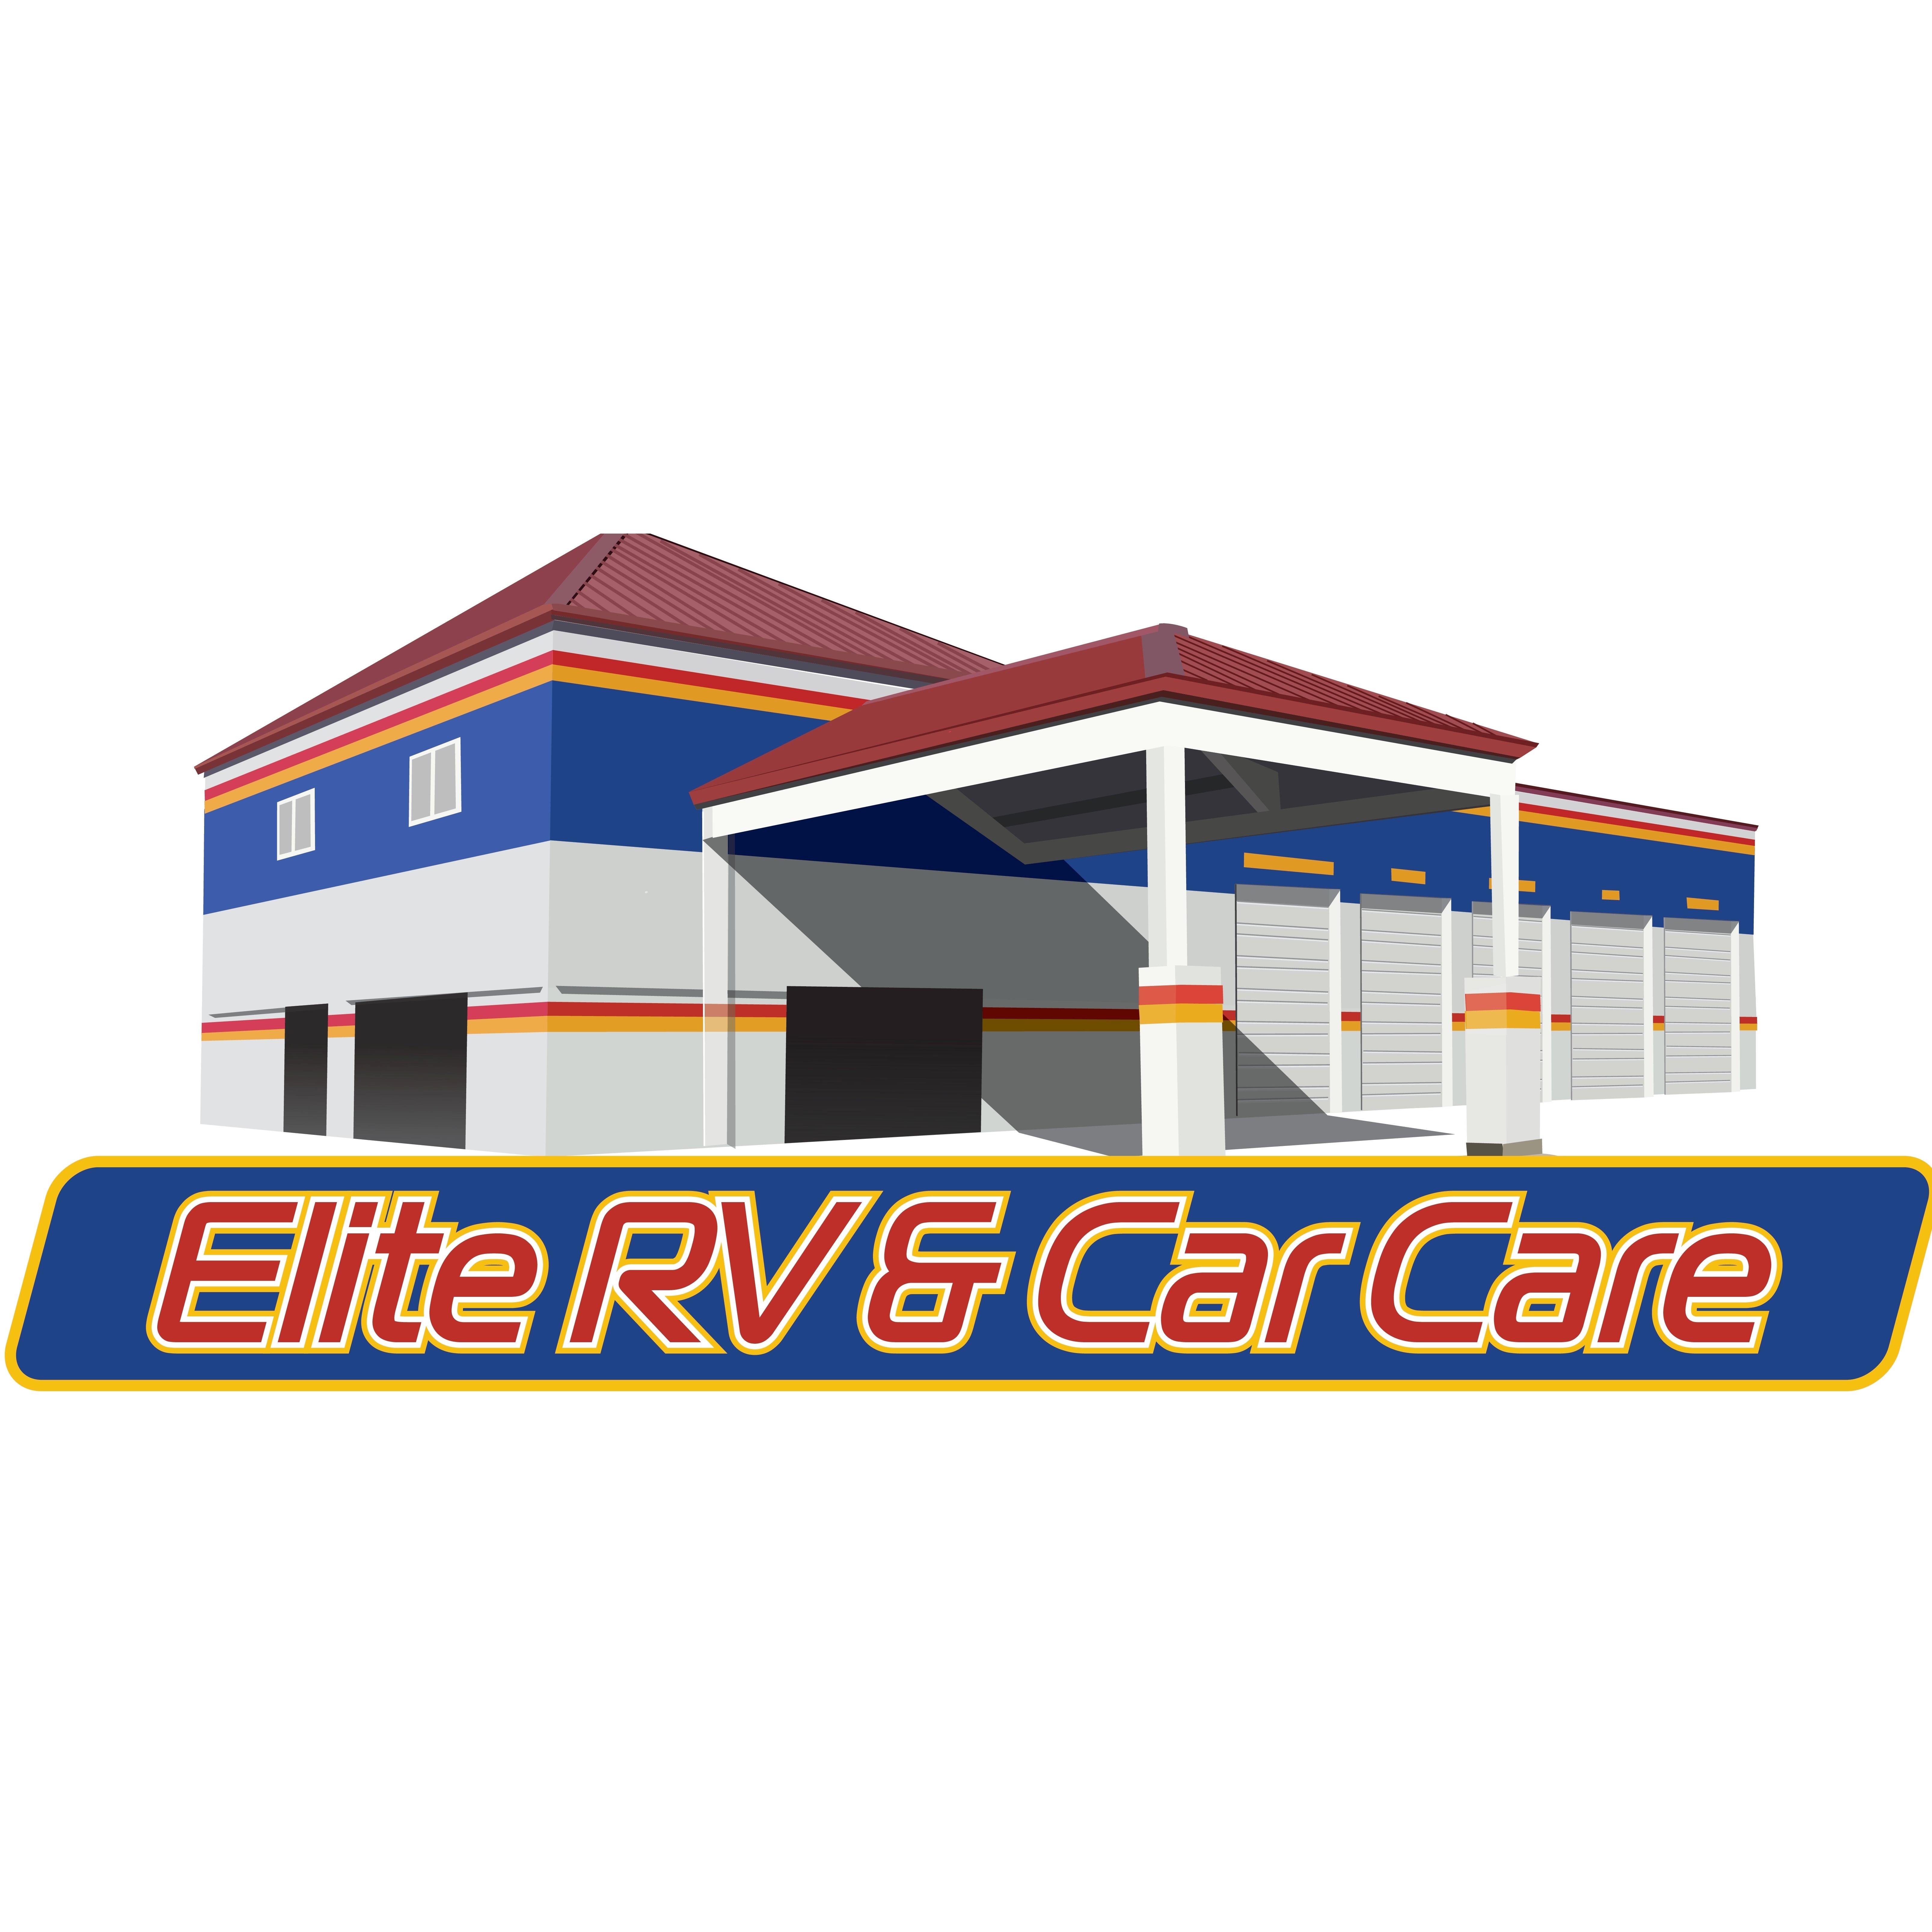 Elite RV & Car Care